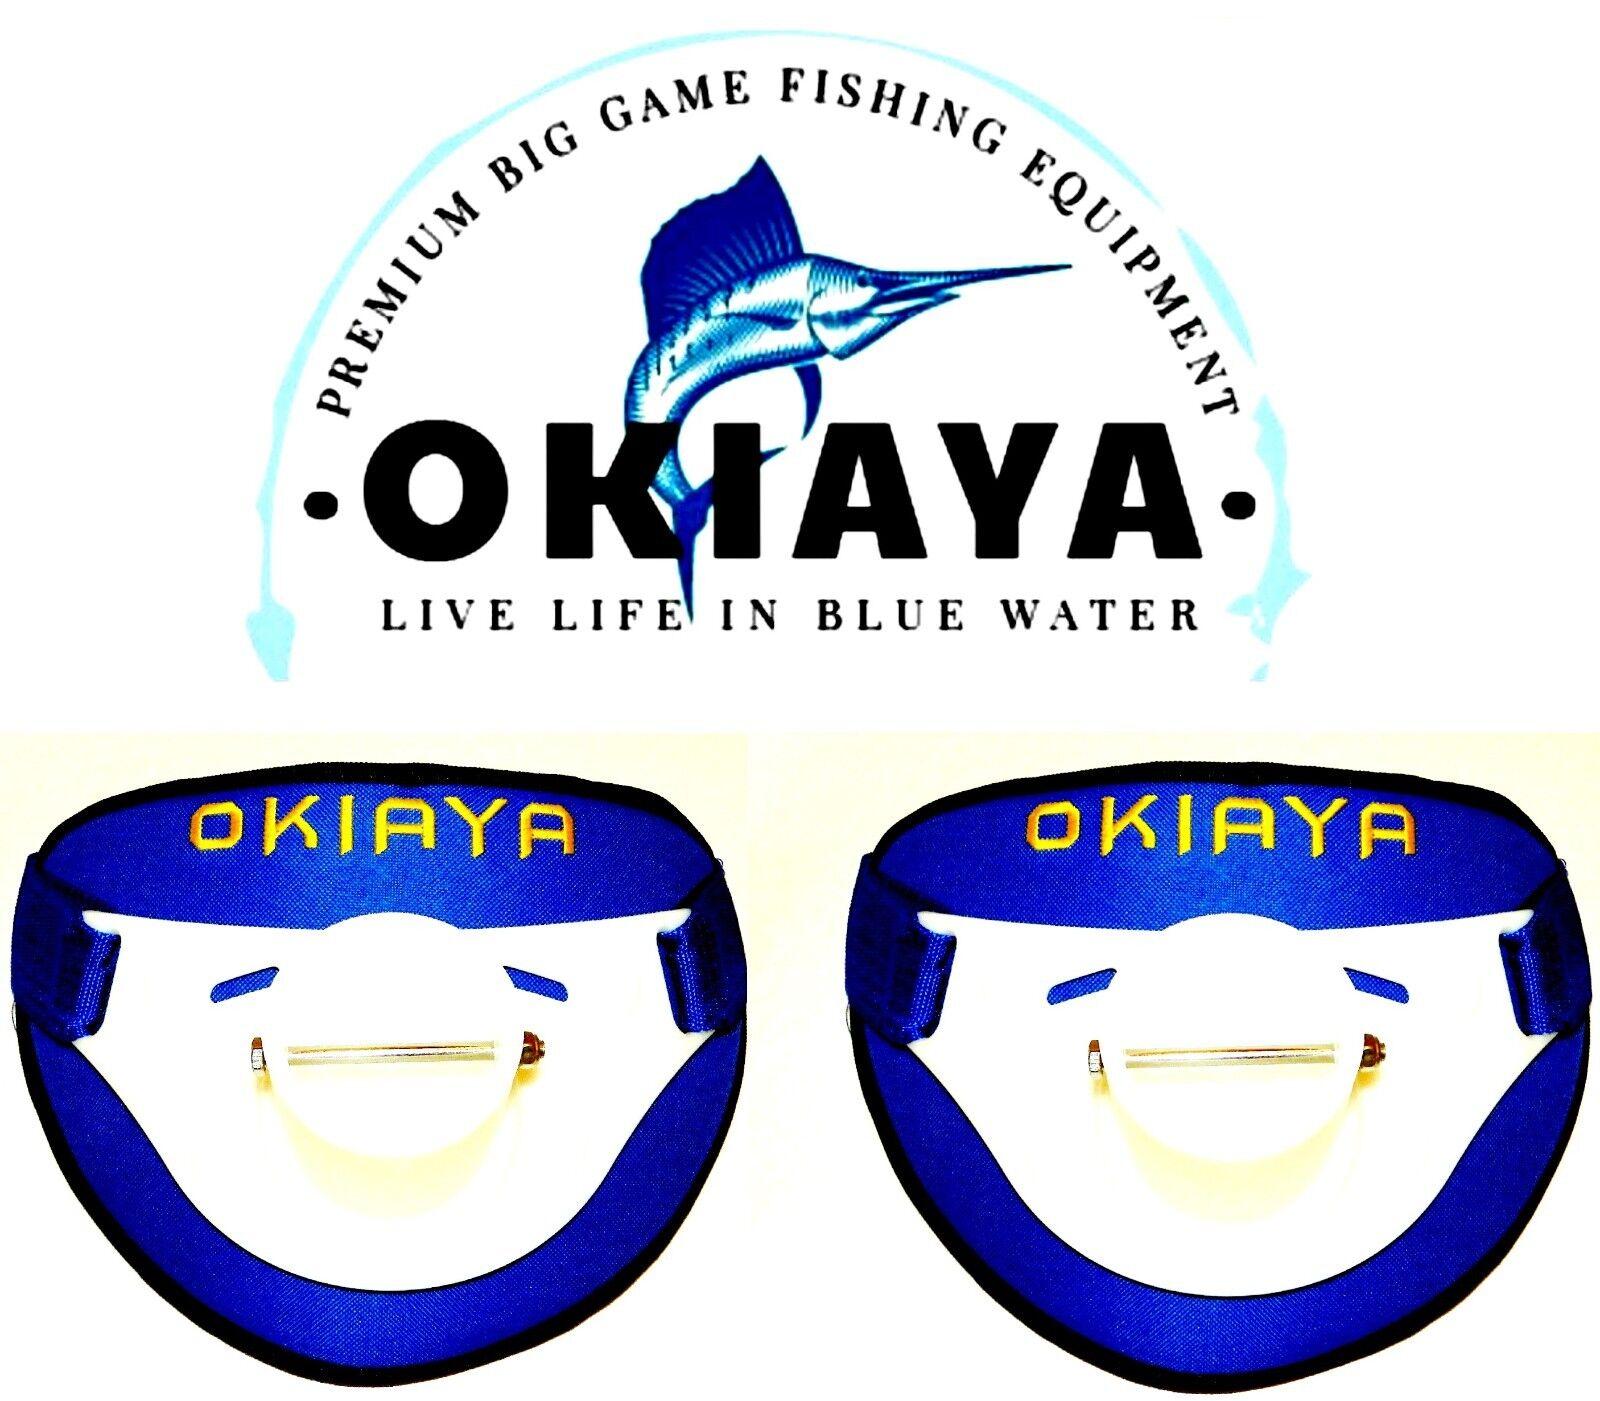 OKIAYA Big Game Fighting Bälte 1 Storlek passar alla (26in till 60in Waist) uppsättningar av 2